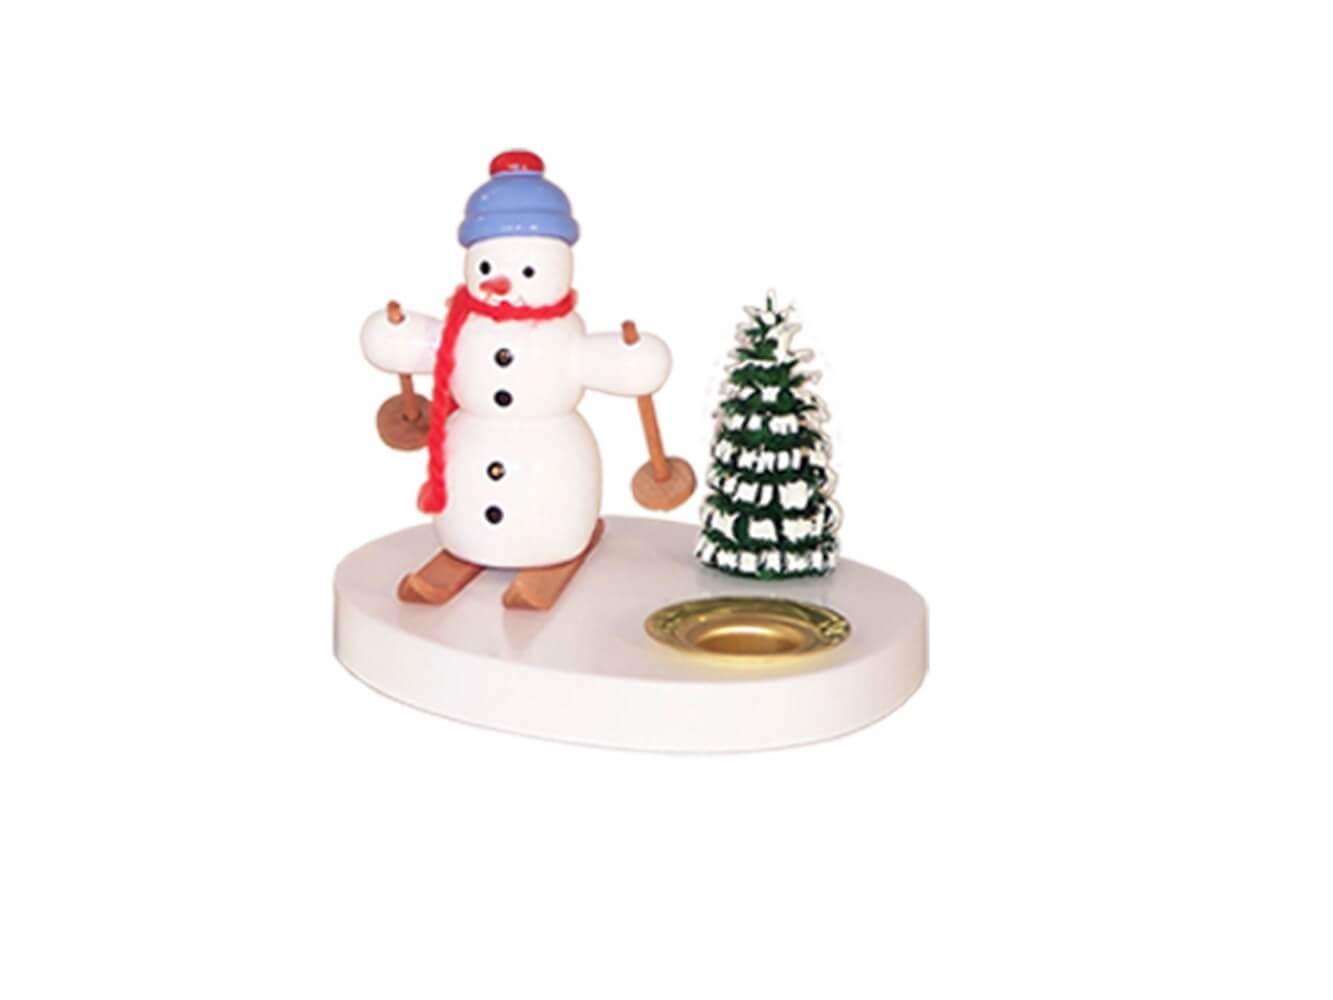 Kerzenhalter Schneemann mit Schneeschuhen, farbig, 8 cm von Volker Zenker aus Seiffen